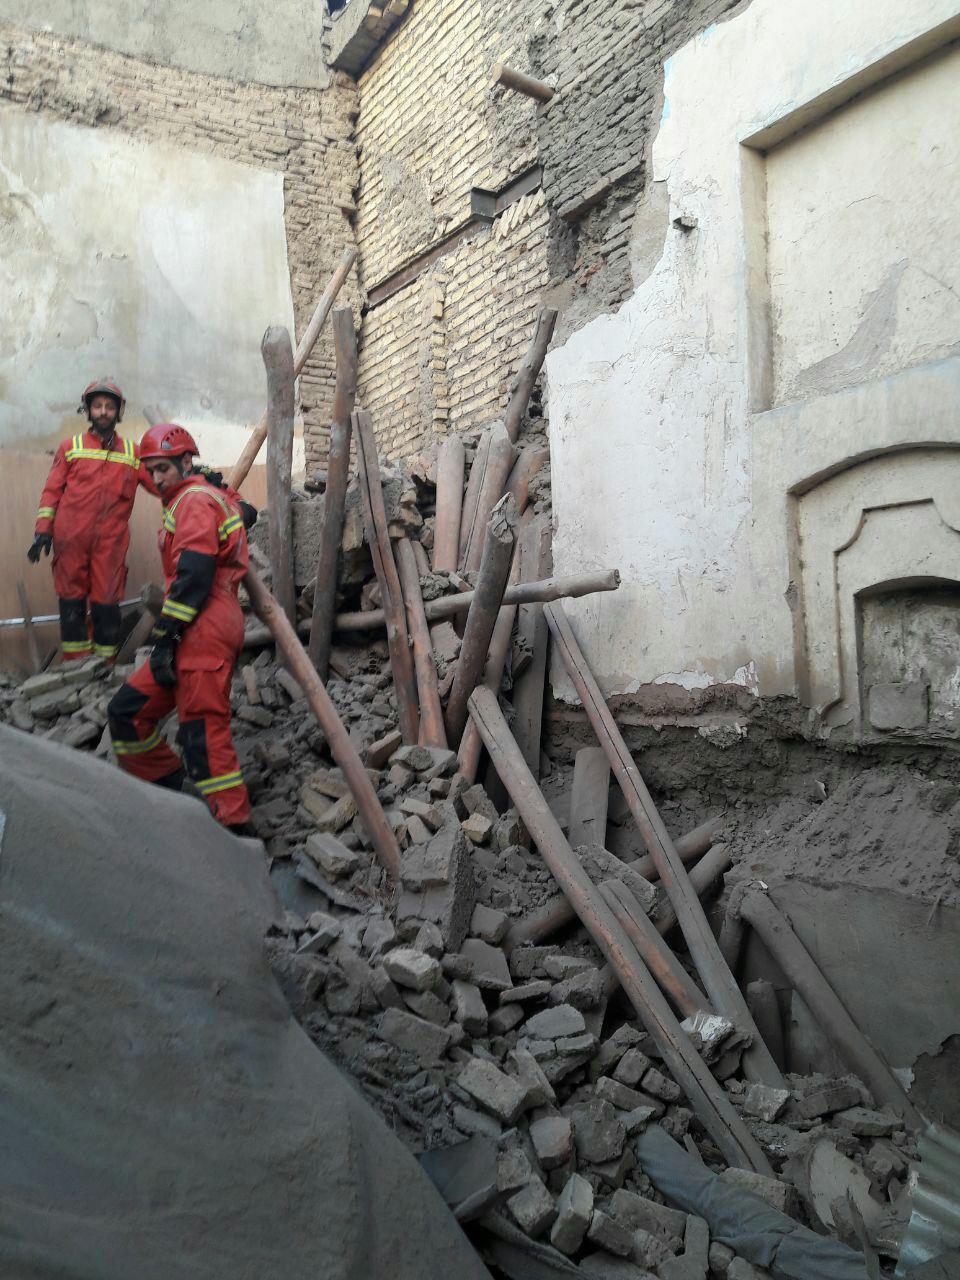 ریزش آوار ساختمان قدیمی در سبزه میدان/ تداوم جستجو برای یافتن محبوسان احتمالی زیر آوار + عکس